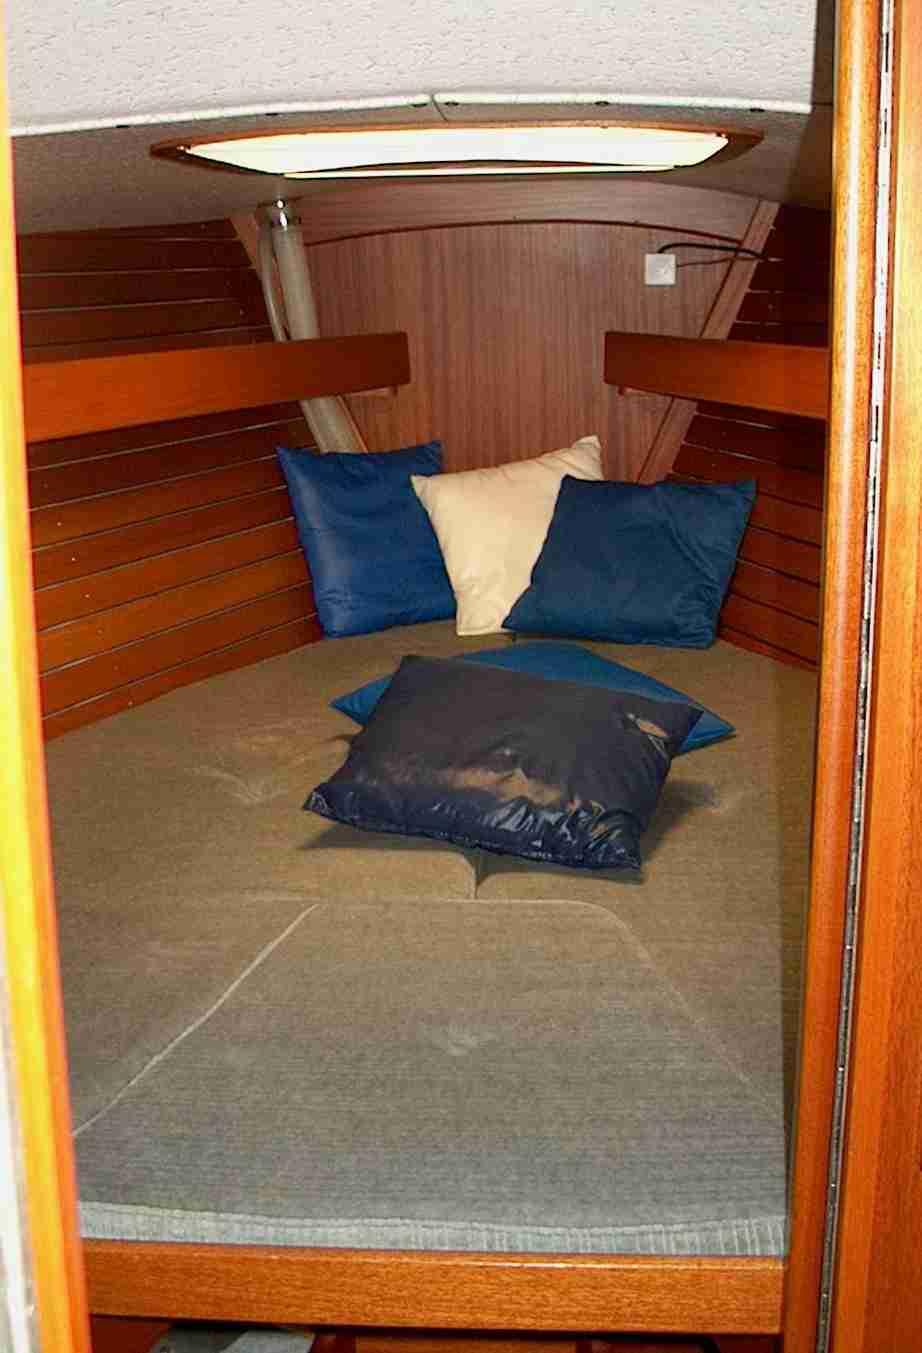 http://www.scancharter.com/wp-content/uploads/boats/9657_IM04a[1].JPG